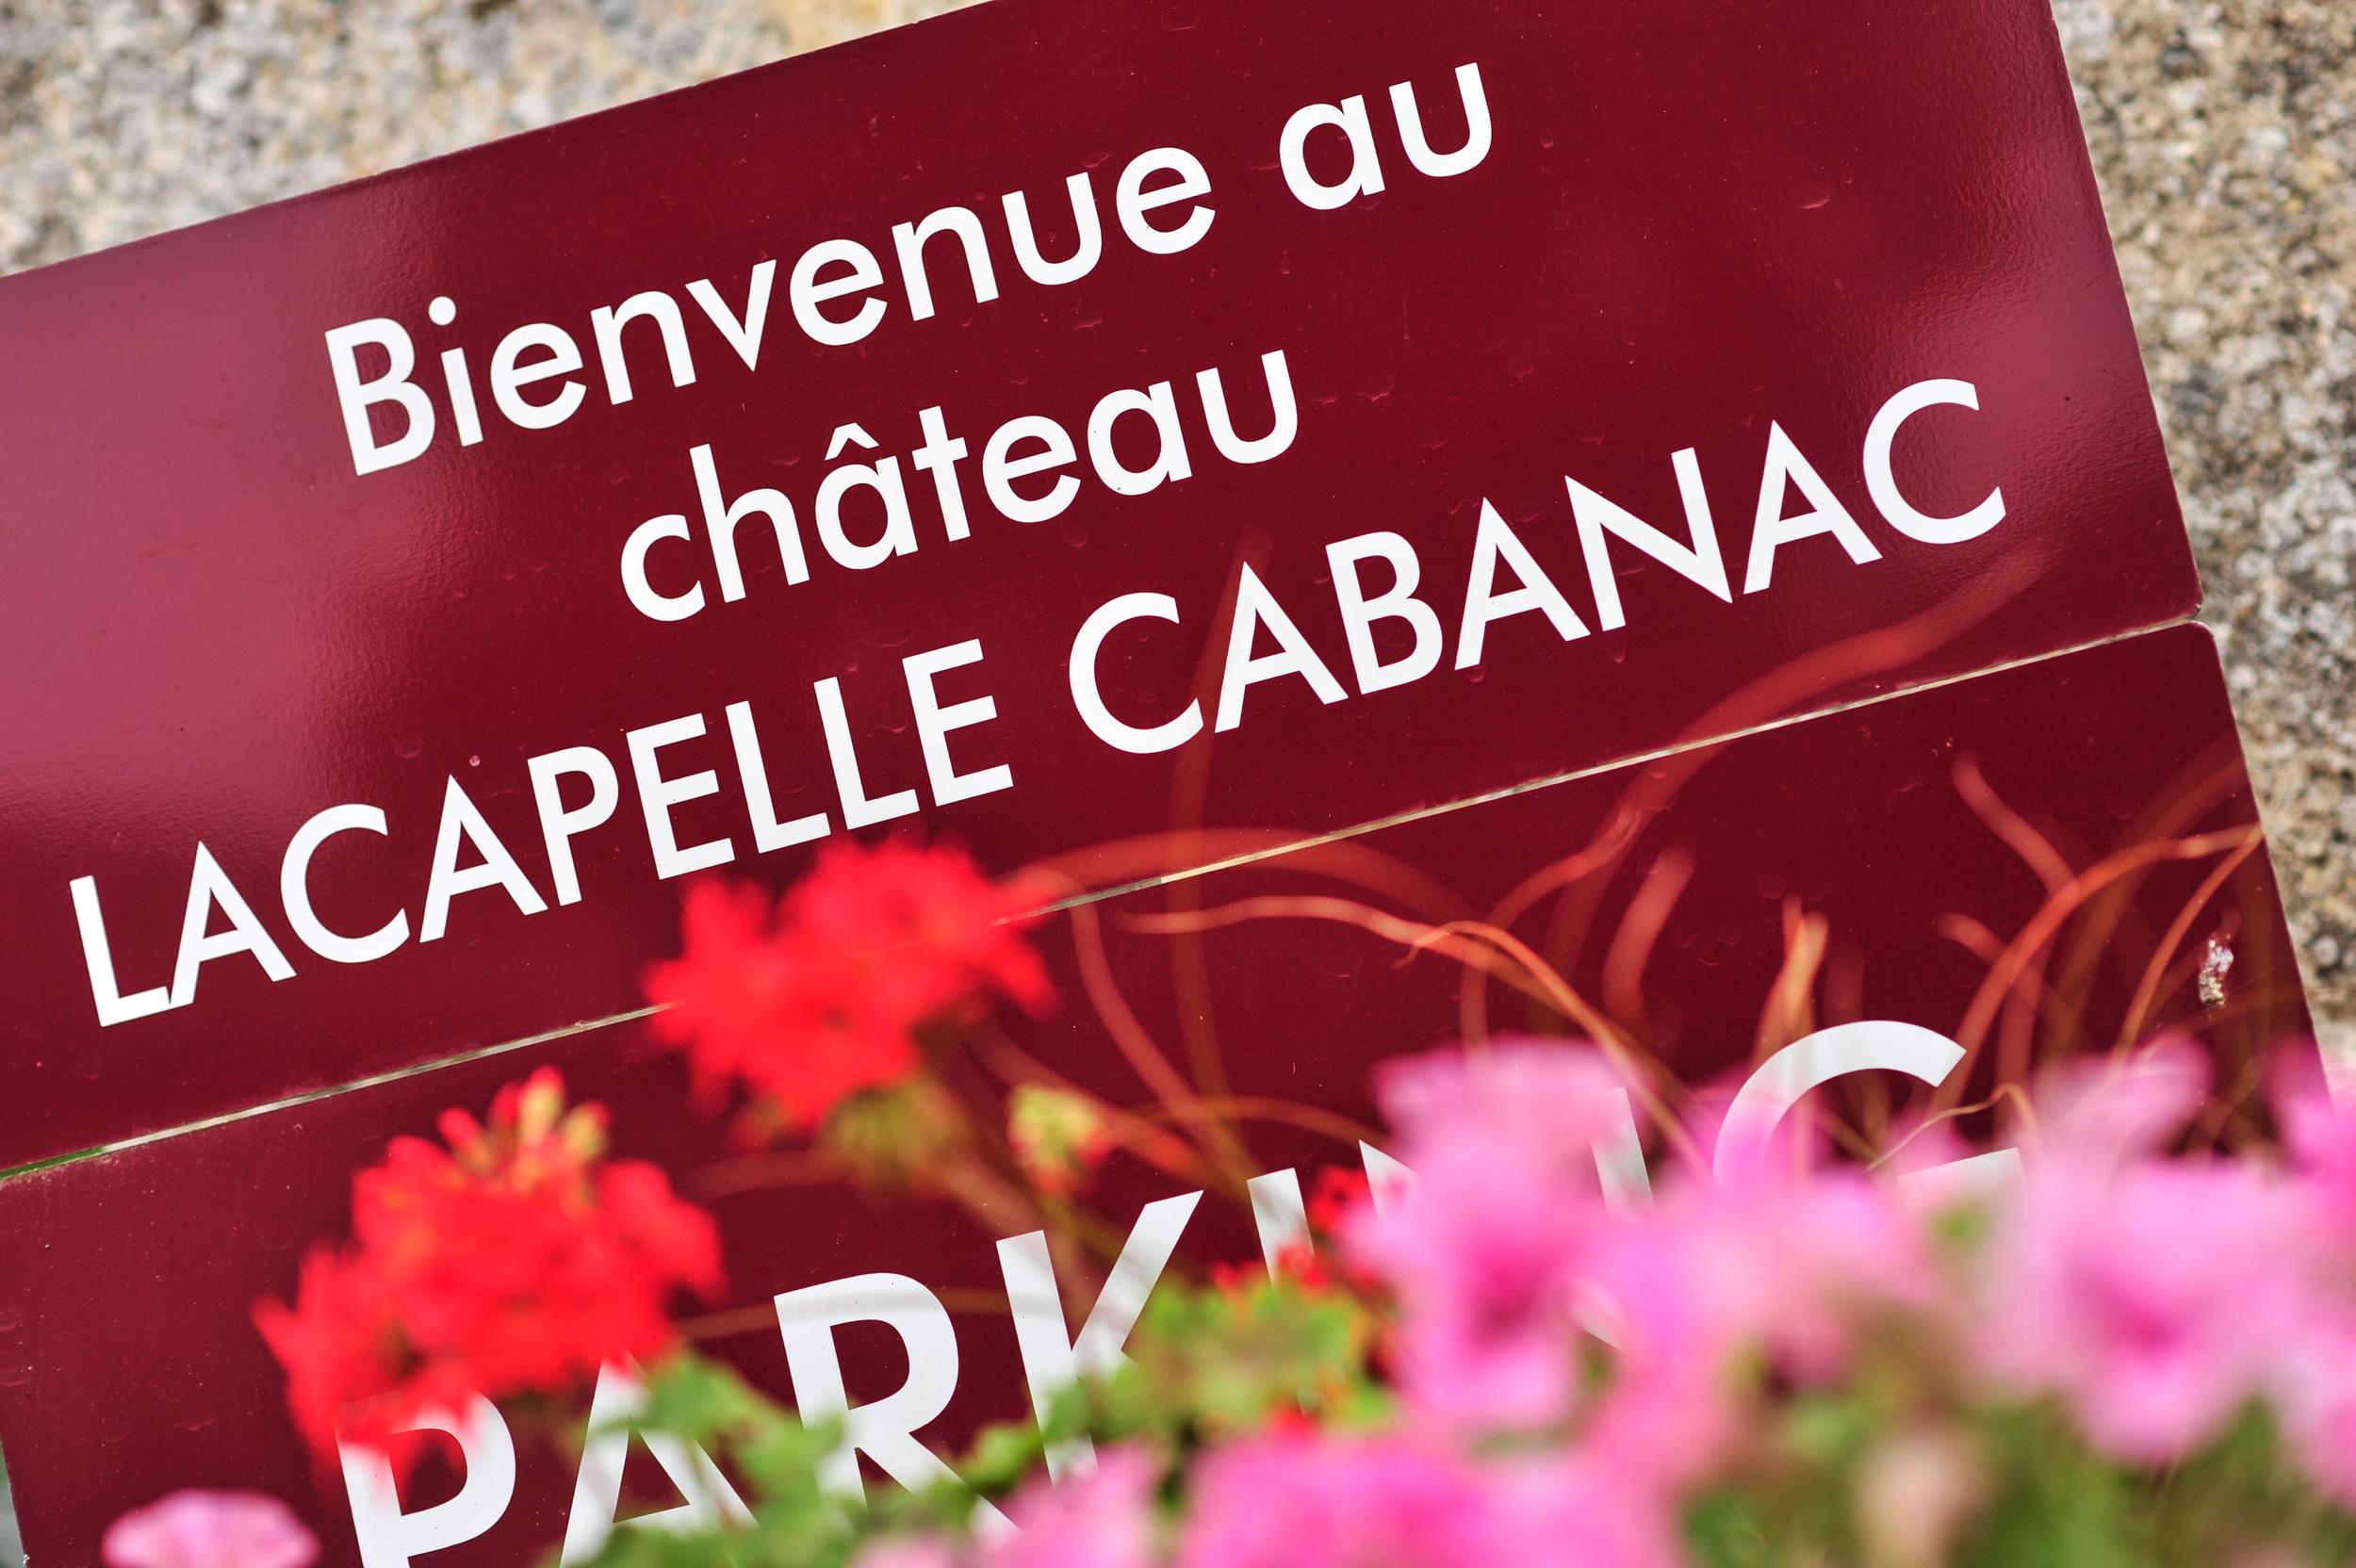 chateau lacapelle cabanac chai c lot tourisme c ory 27